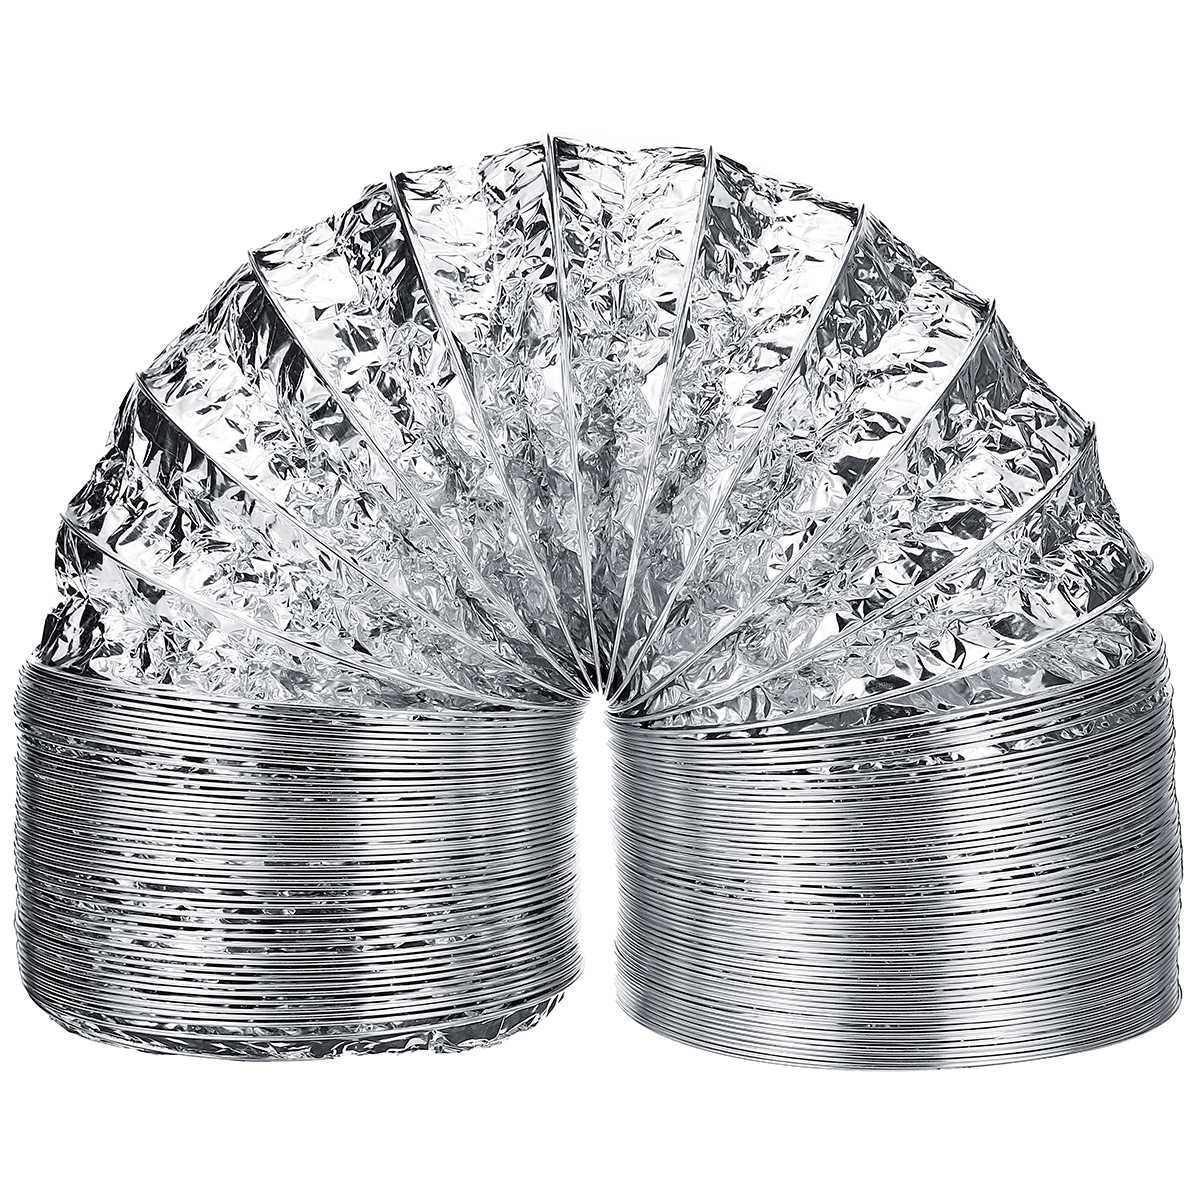 3/2 Meter Lengte 4 inch 100mm Aluminium Buis Ventilatie Slang Uitlaatpijp Duct Flexibele Buis voor Air Systeem Vent thuis Badkamer